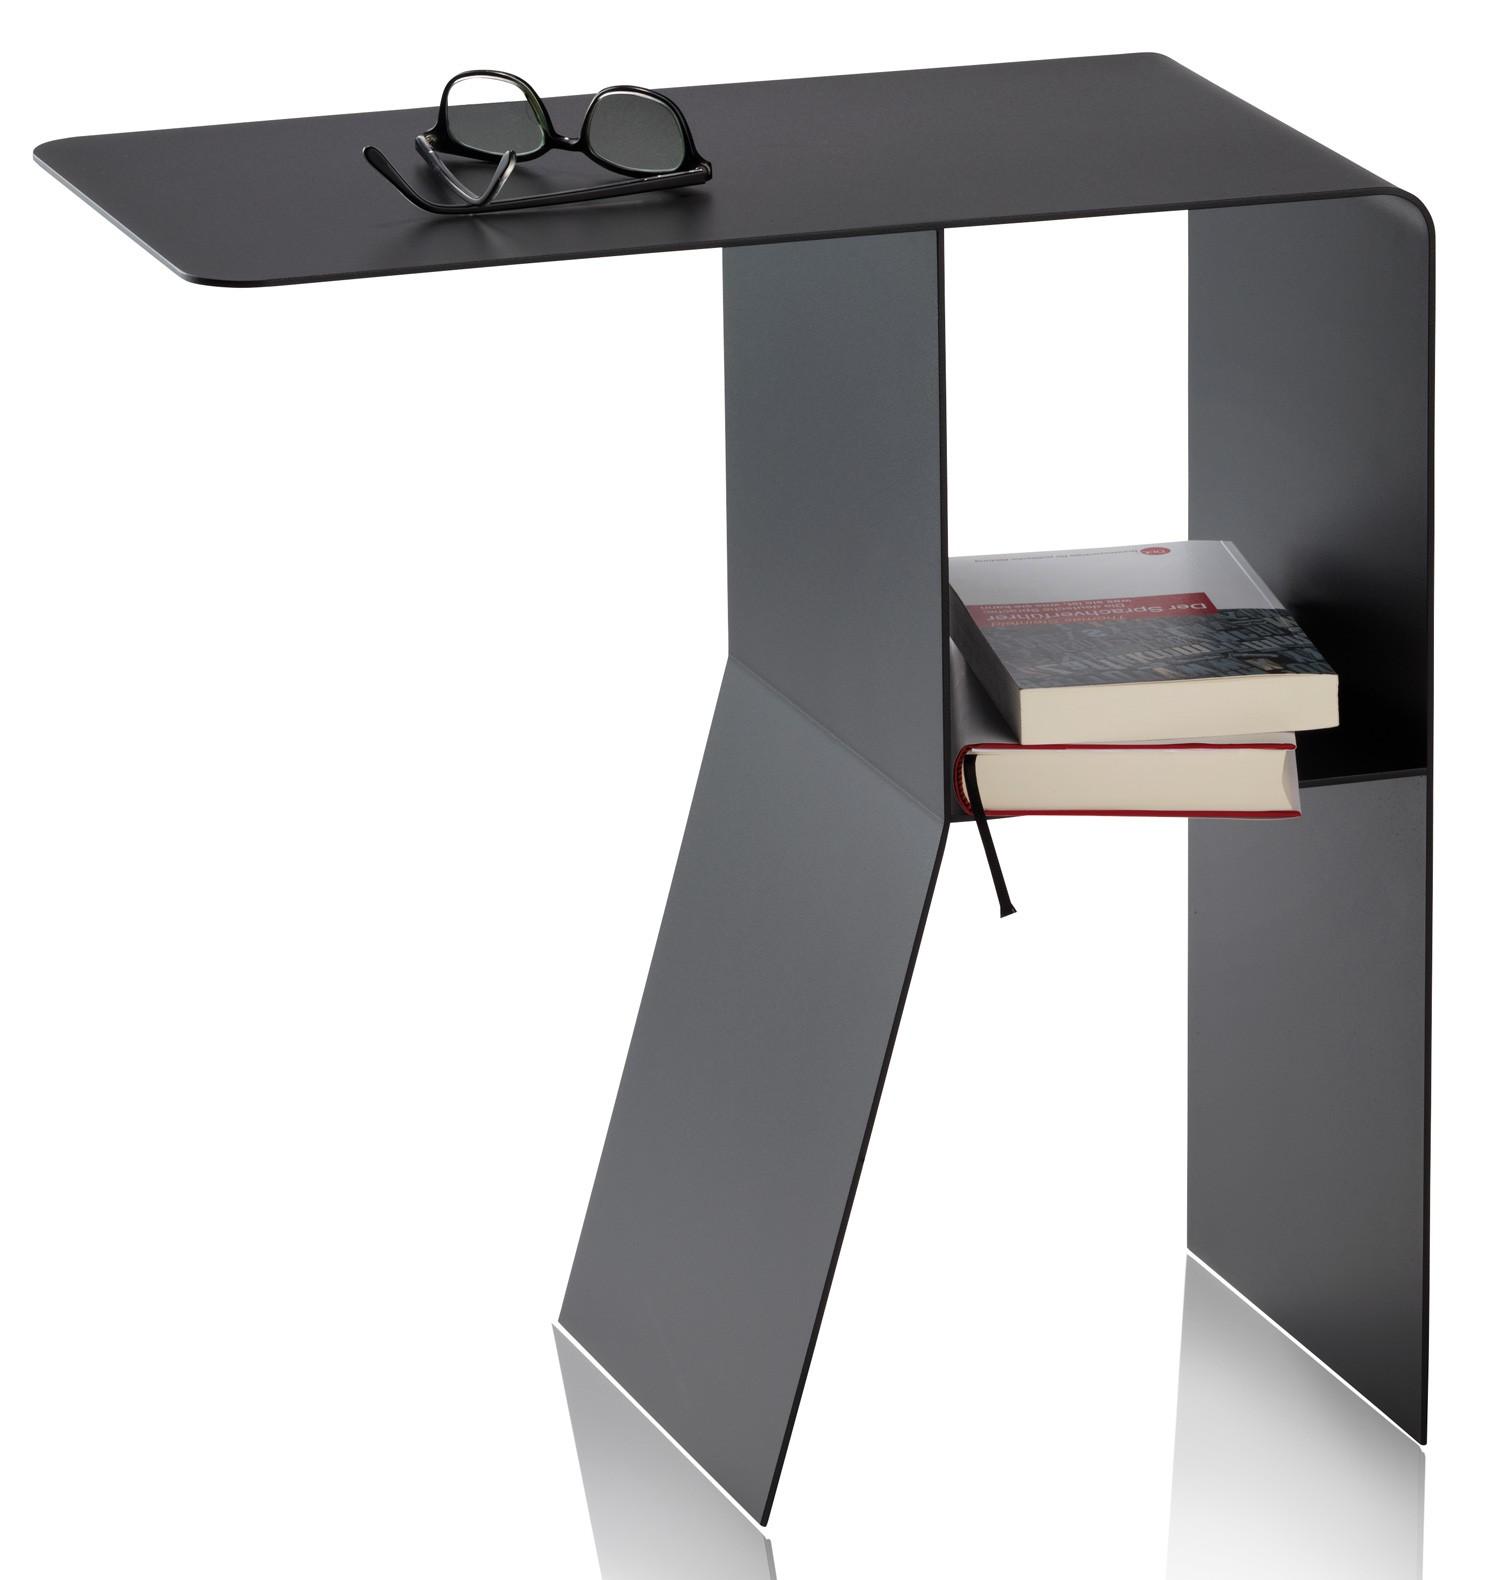 beistelltisch pieperconcept athos schwarz. Black Bedroom Furniture Sets. Home Design Ideas